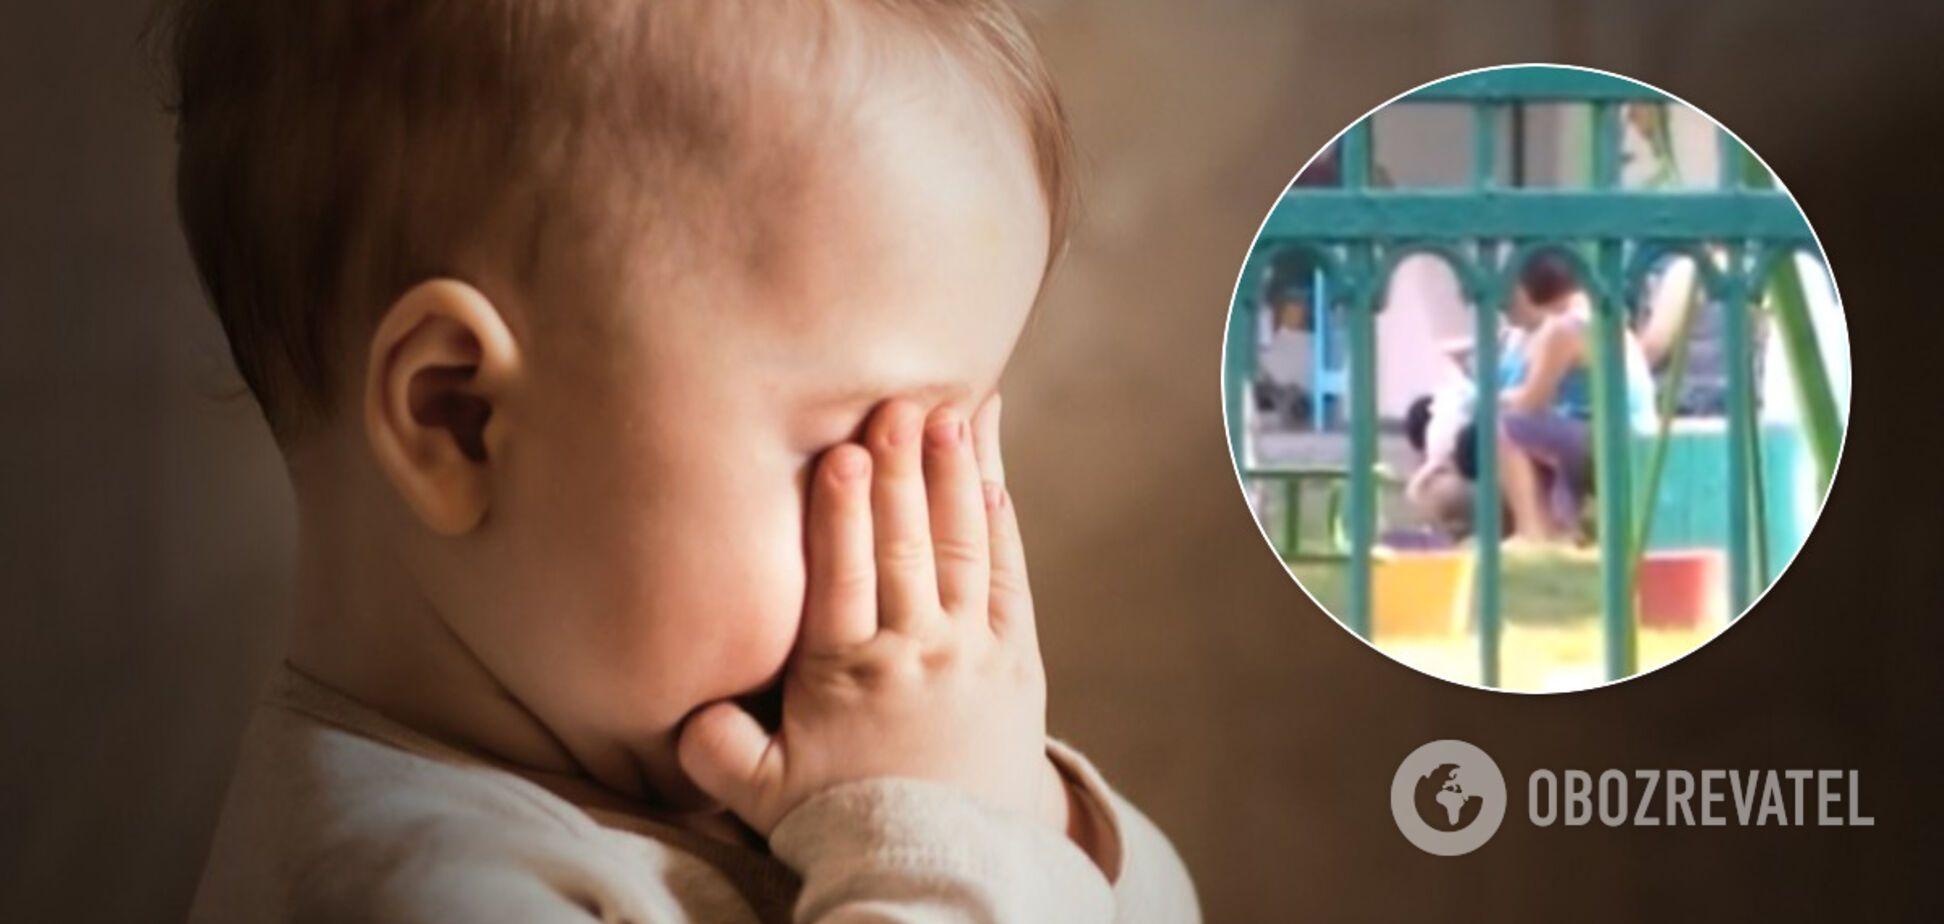 В Каменском медсестра подняла за ноги плачущую малышку: инцидент сняли на видео